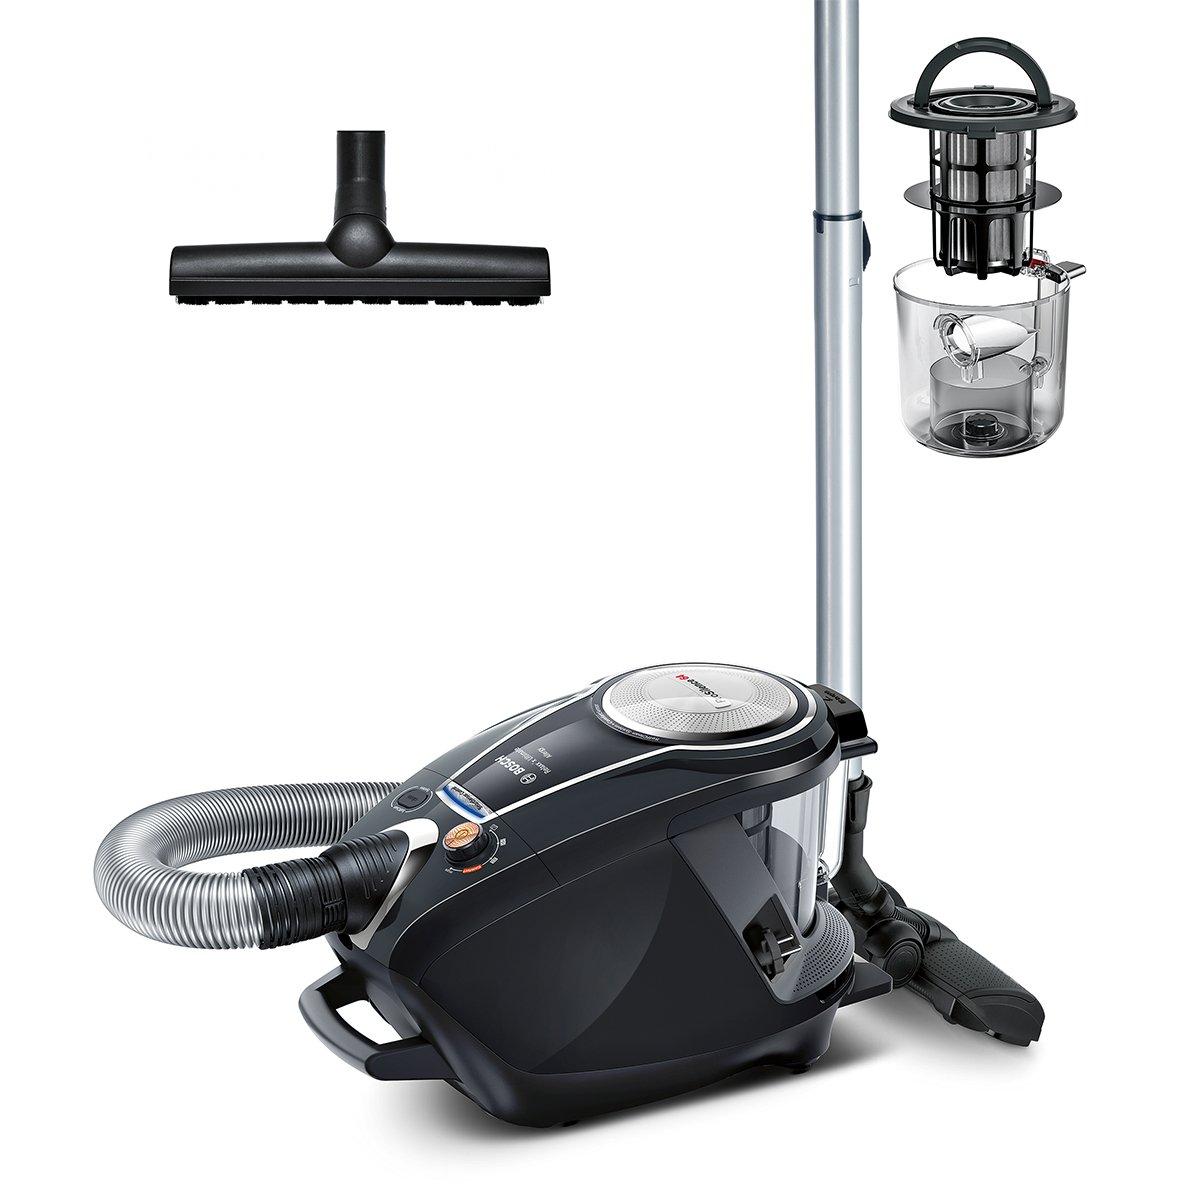 Bosch Staubsauger beutellos ProSilence Serie 8 BGS7MS64, Bodenstaubsauger, leise, Hygiene-Filter, Bodendüse für Parkett…